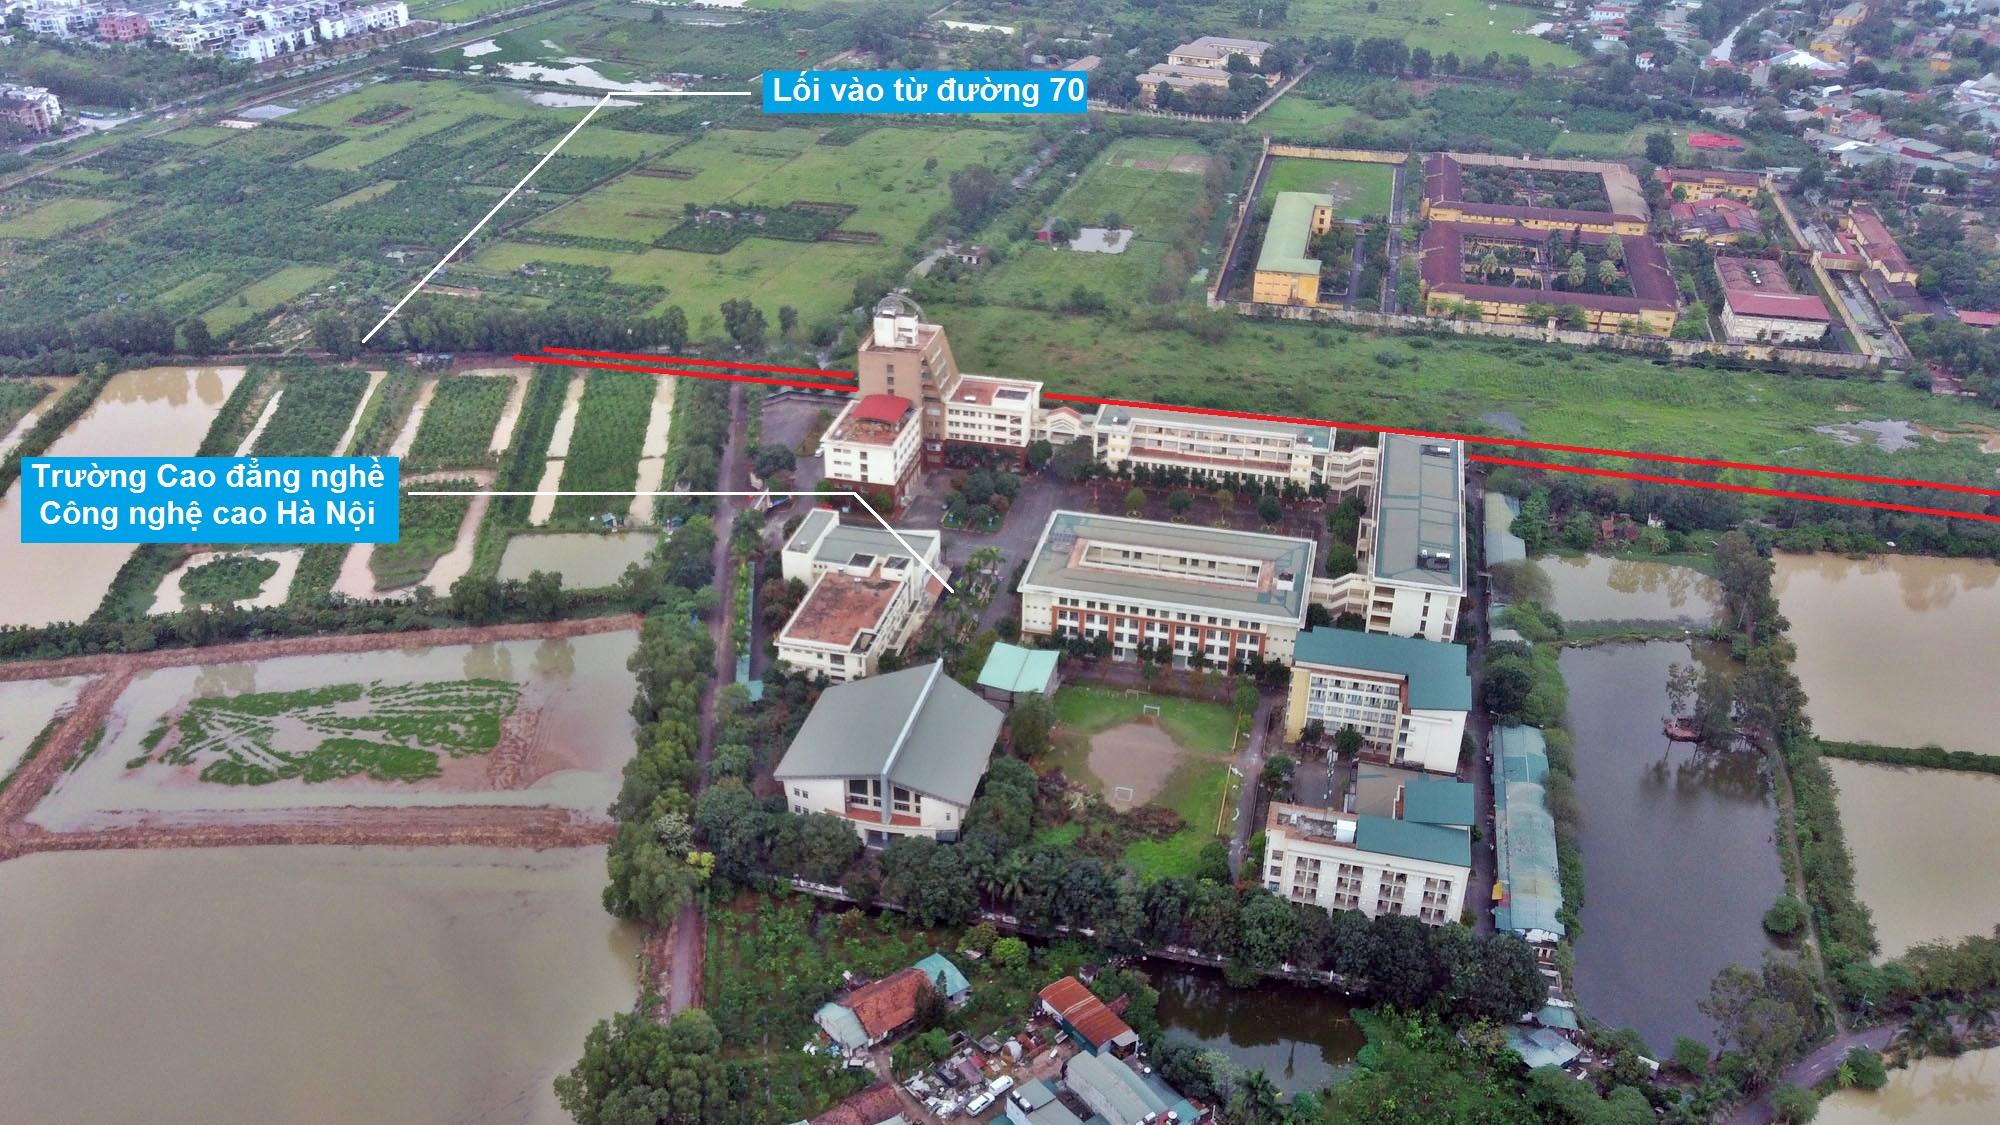 Ba đường sẽ mở theo qui hoạch ở phường Tây Mỗ, Nam Từ Liêm, Hà Nội (phần 2) - Ảnh 5.